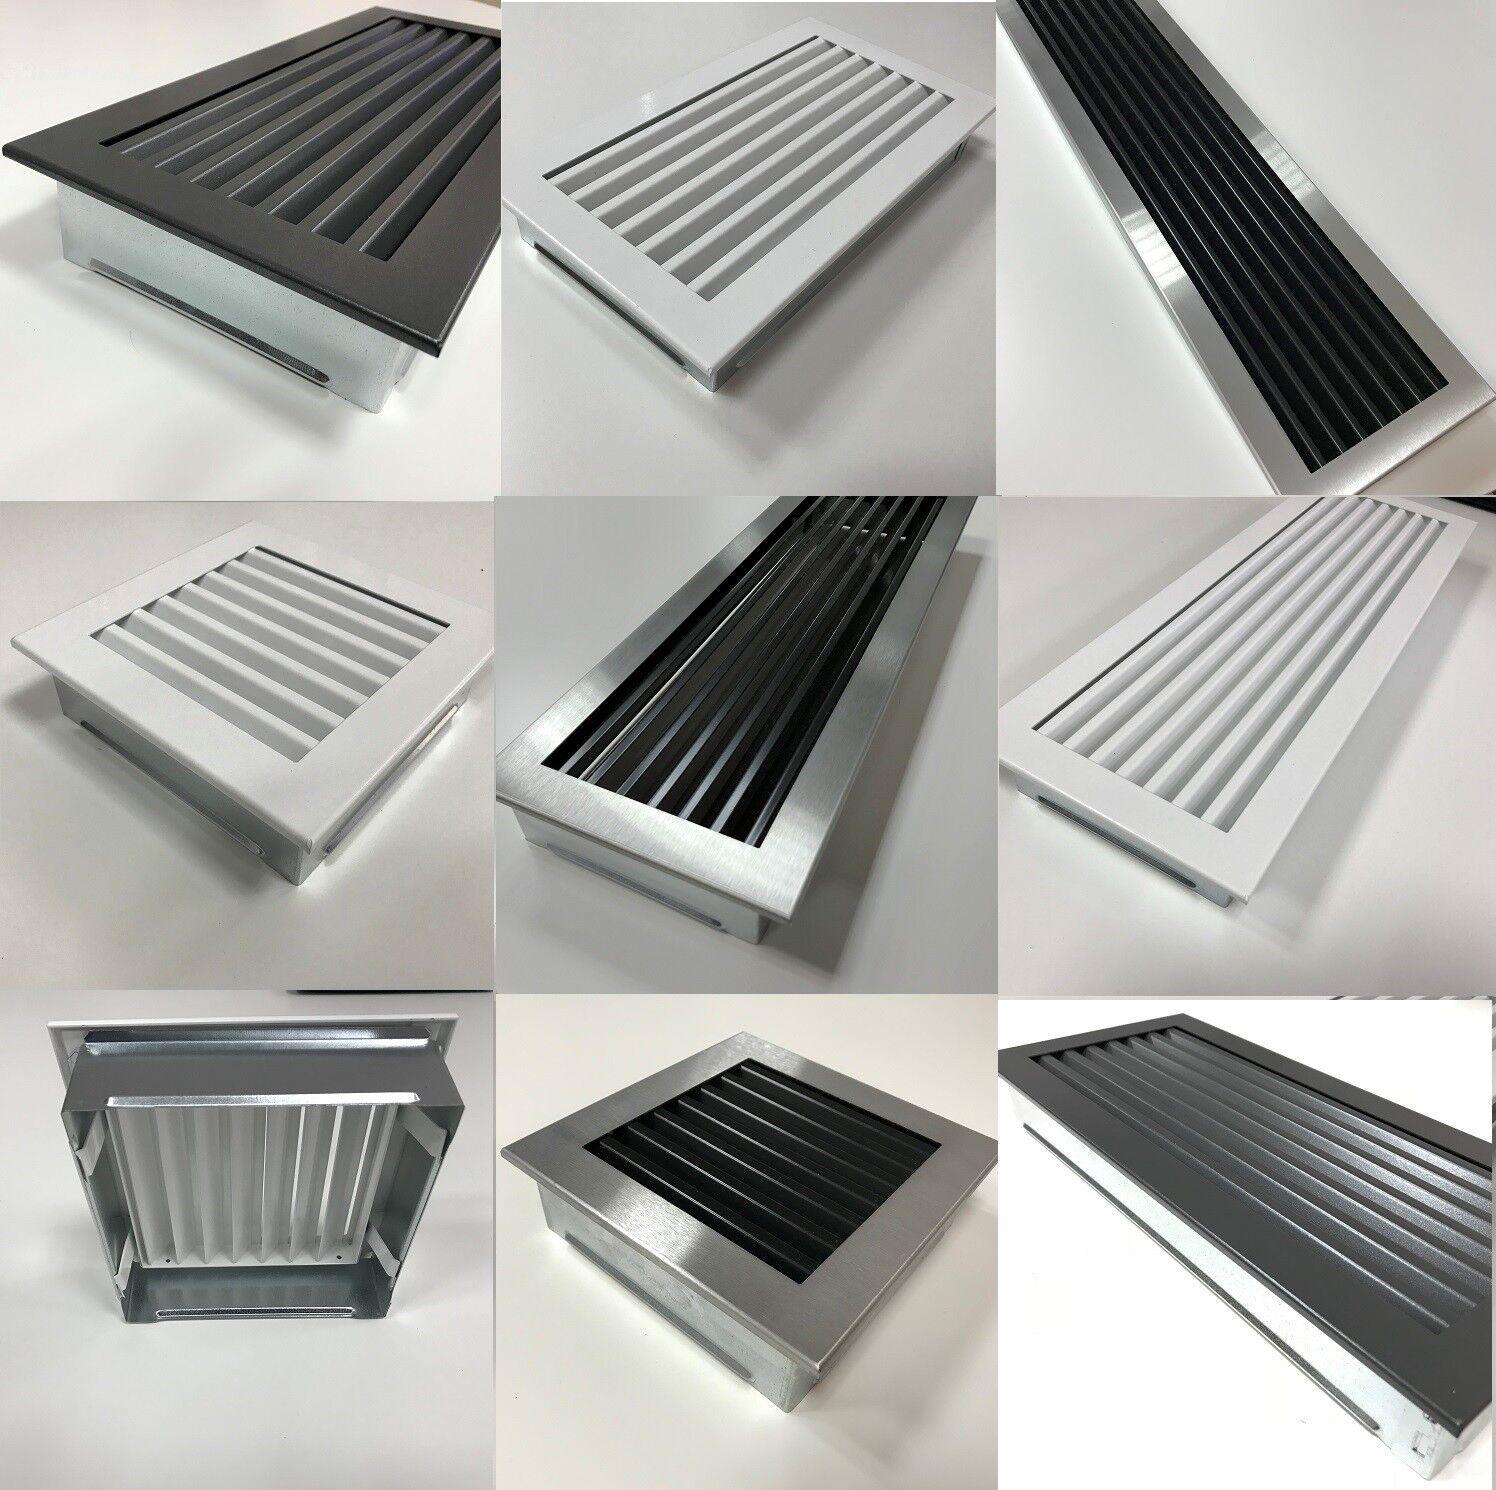 Kamin Lüftungsgitter Luftgitter aus Stahl Ventilation Belüftung-16 Varianten     | Verrückter Preis, Birmingham  | Sehen Sie die Welt aus der Perspektive des Kindes  | Modisch